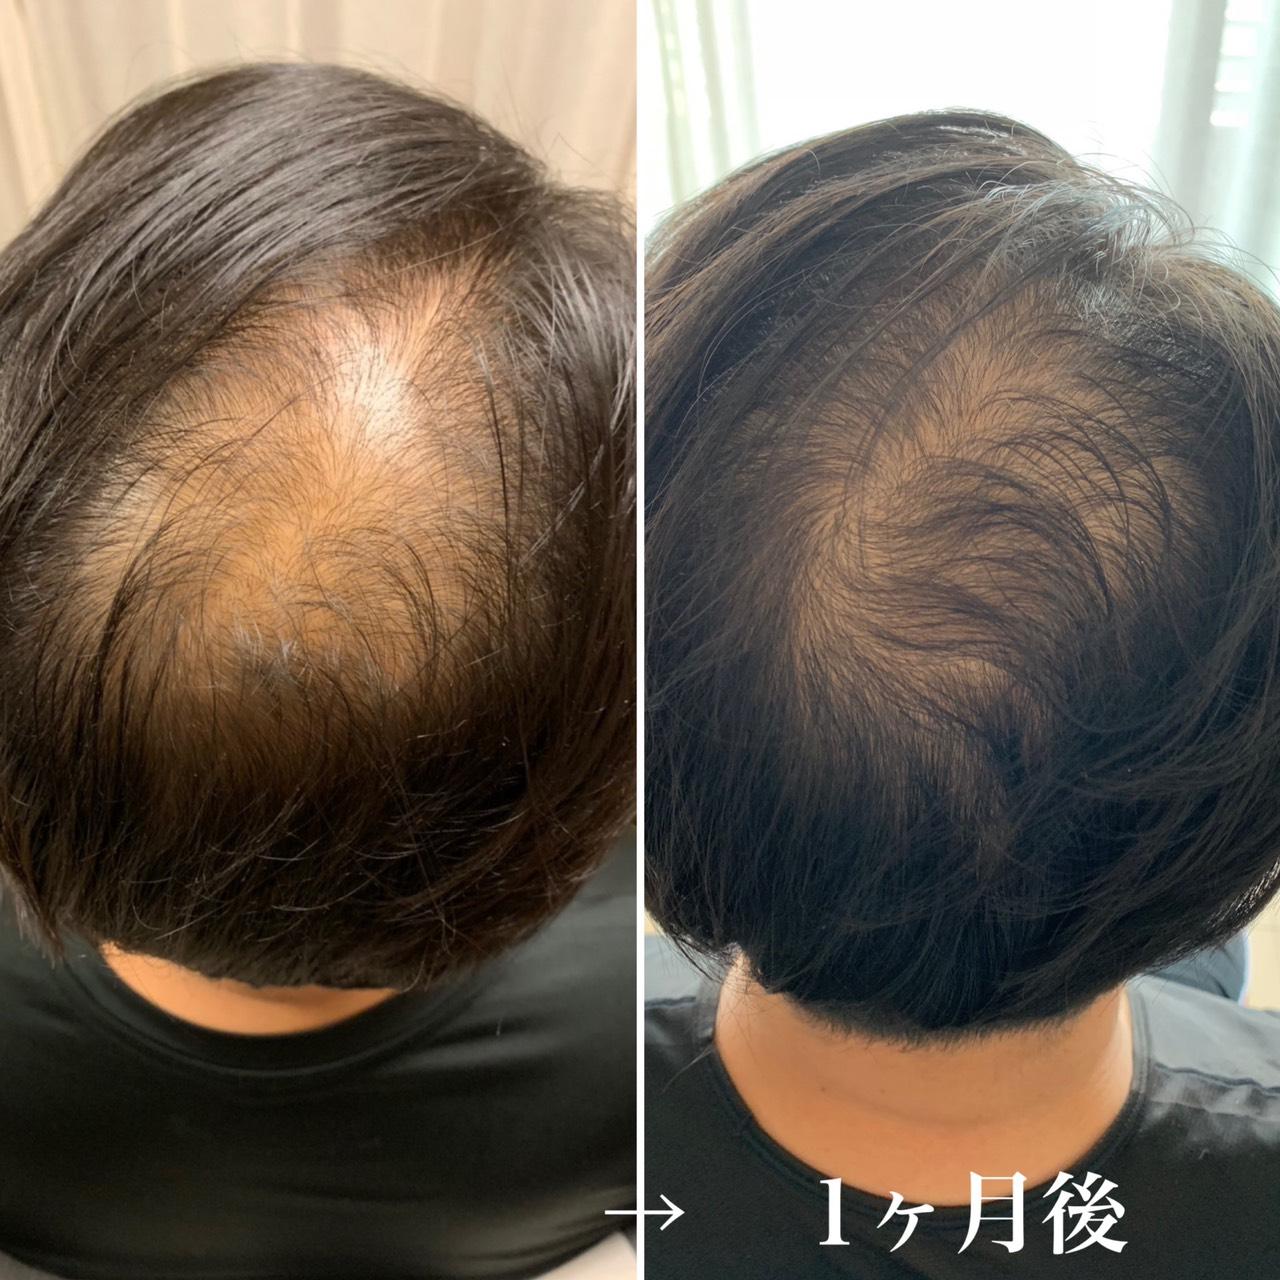 「強髪」の画像検索結果